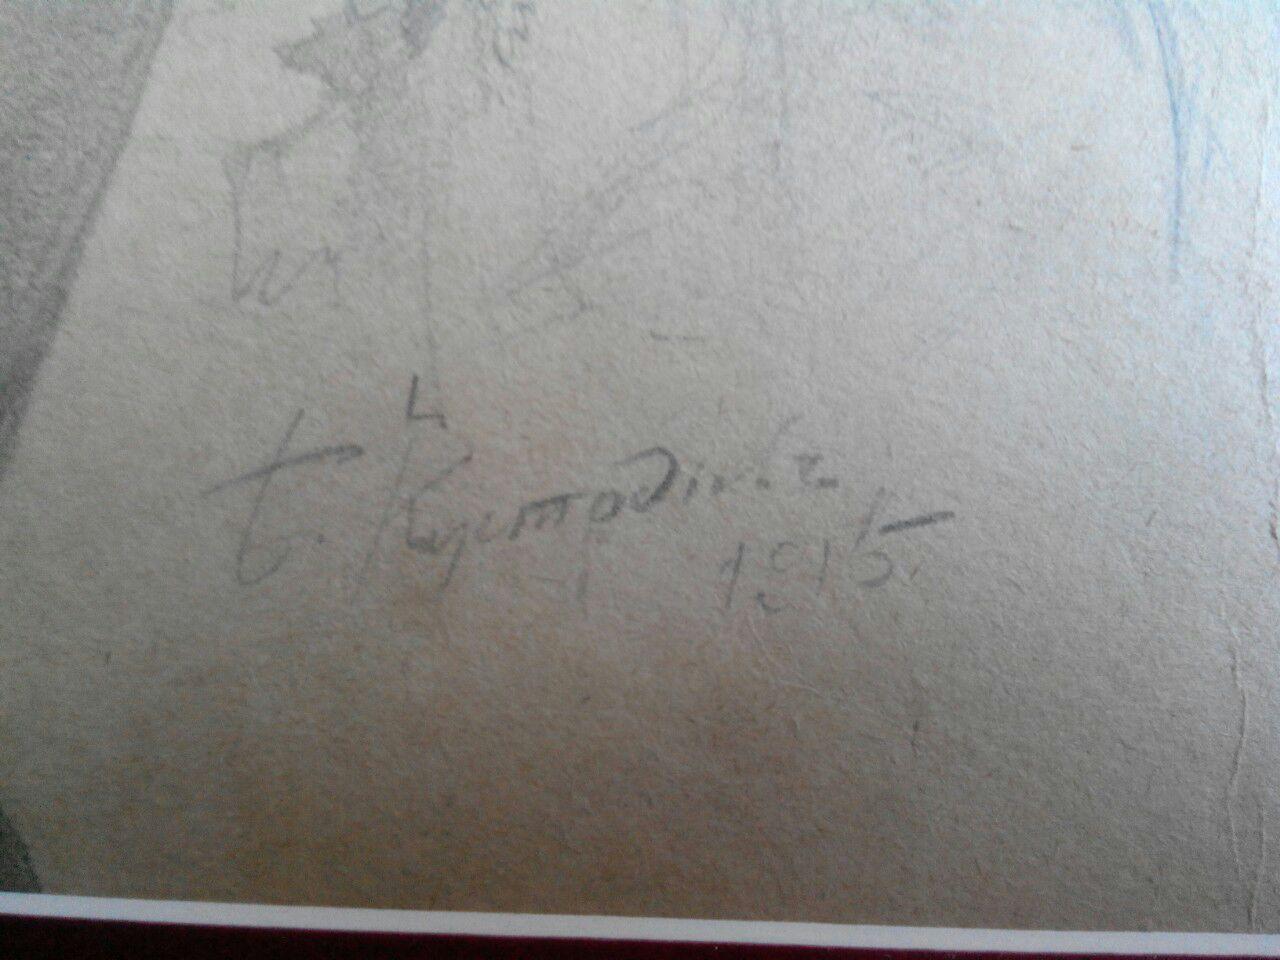 Натурщица 39-30 см., бумага, карандаш 1915 год - 2